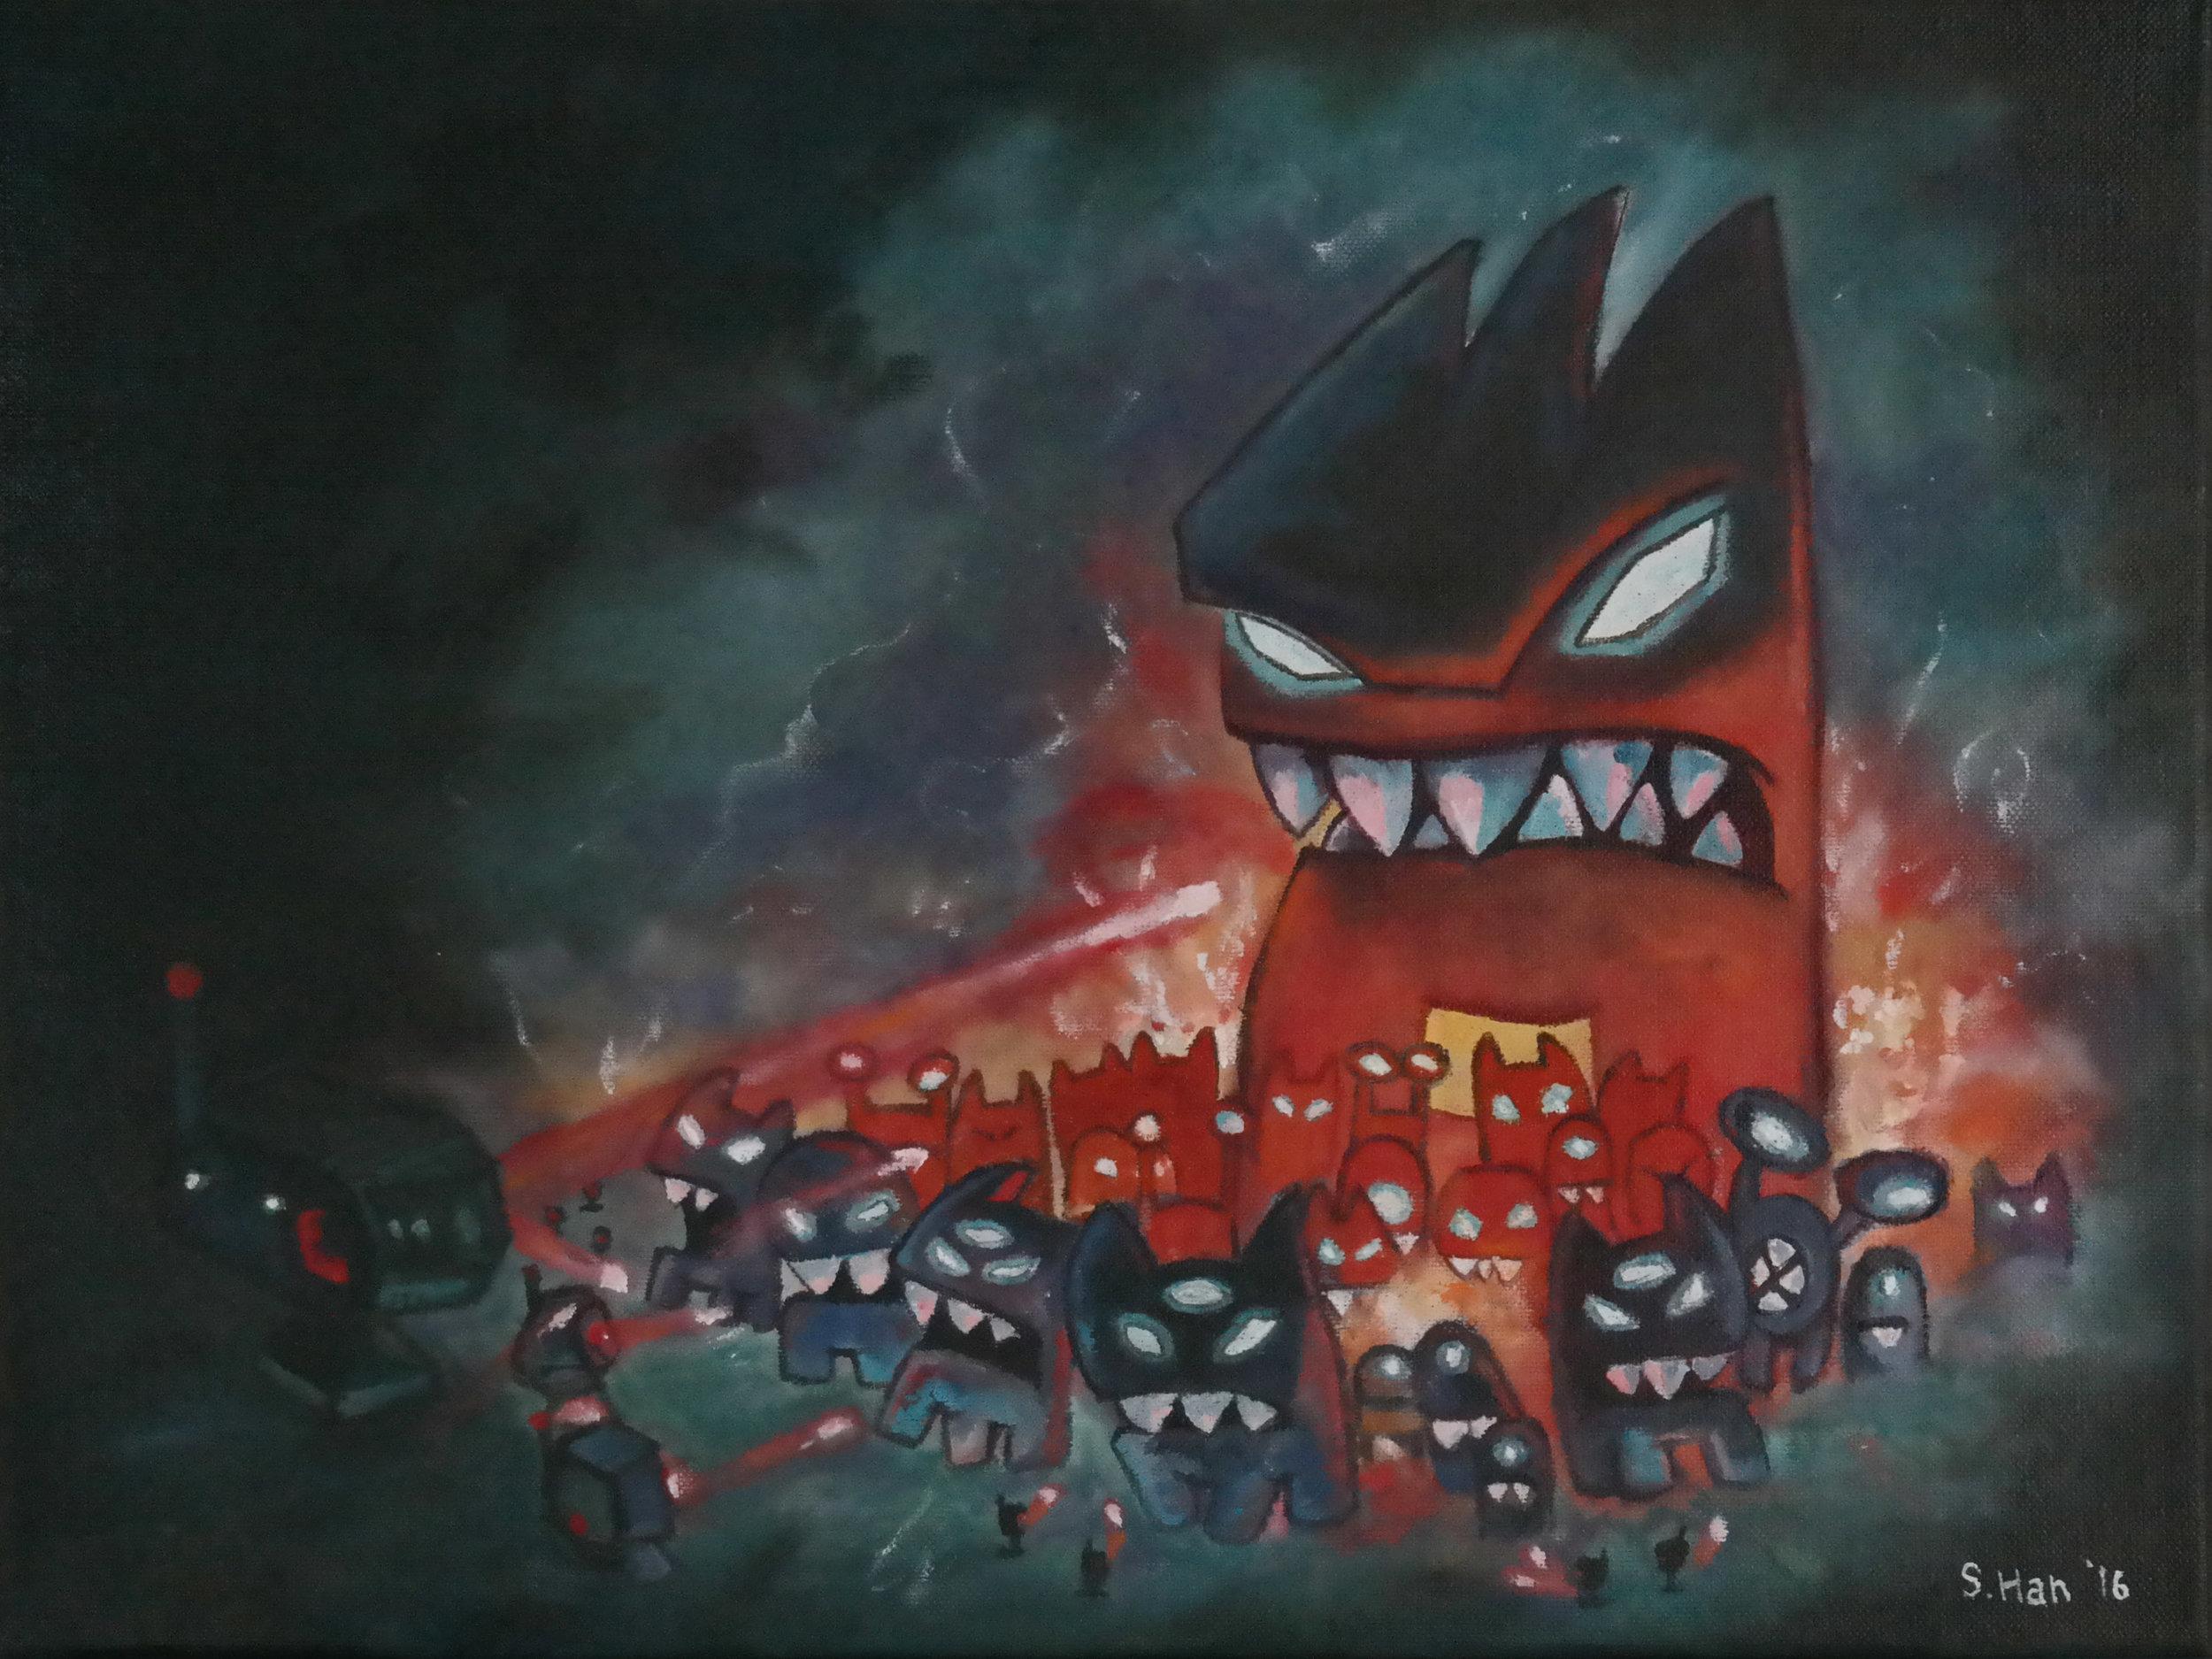 Revenge of the Titans cover art recreation